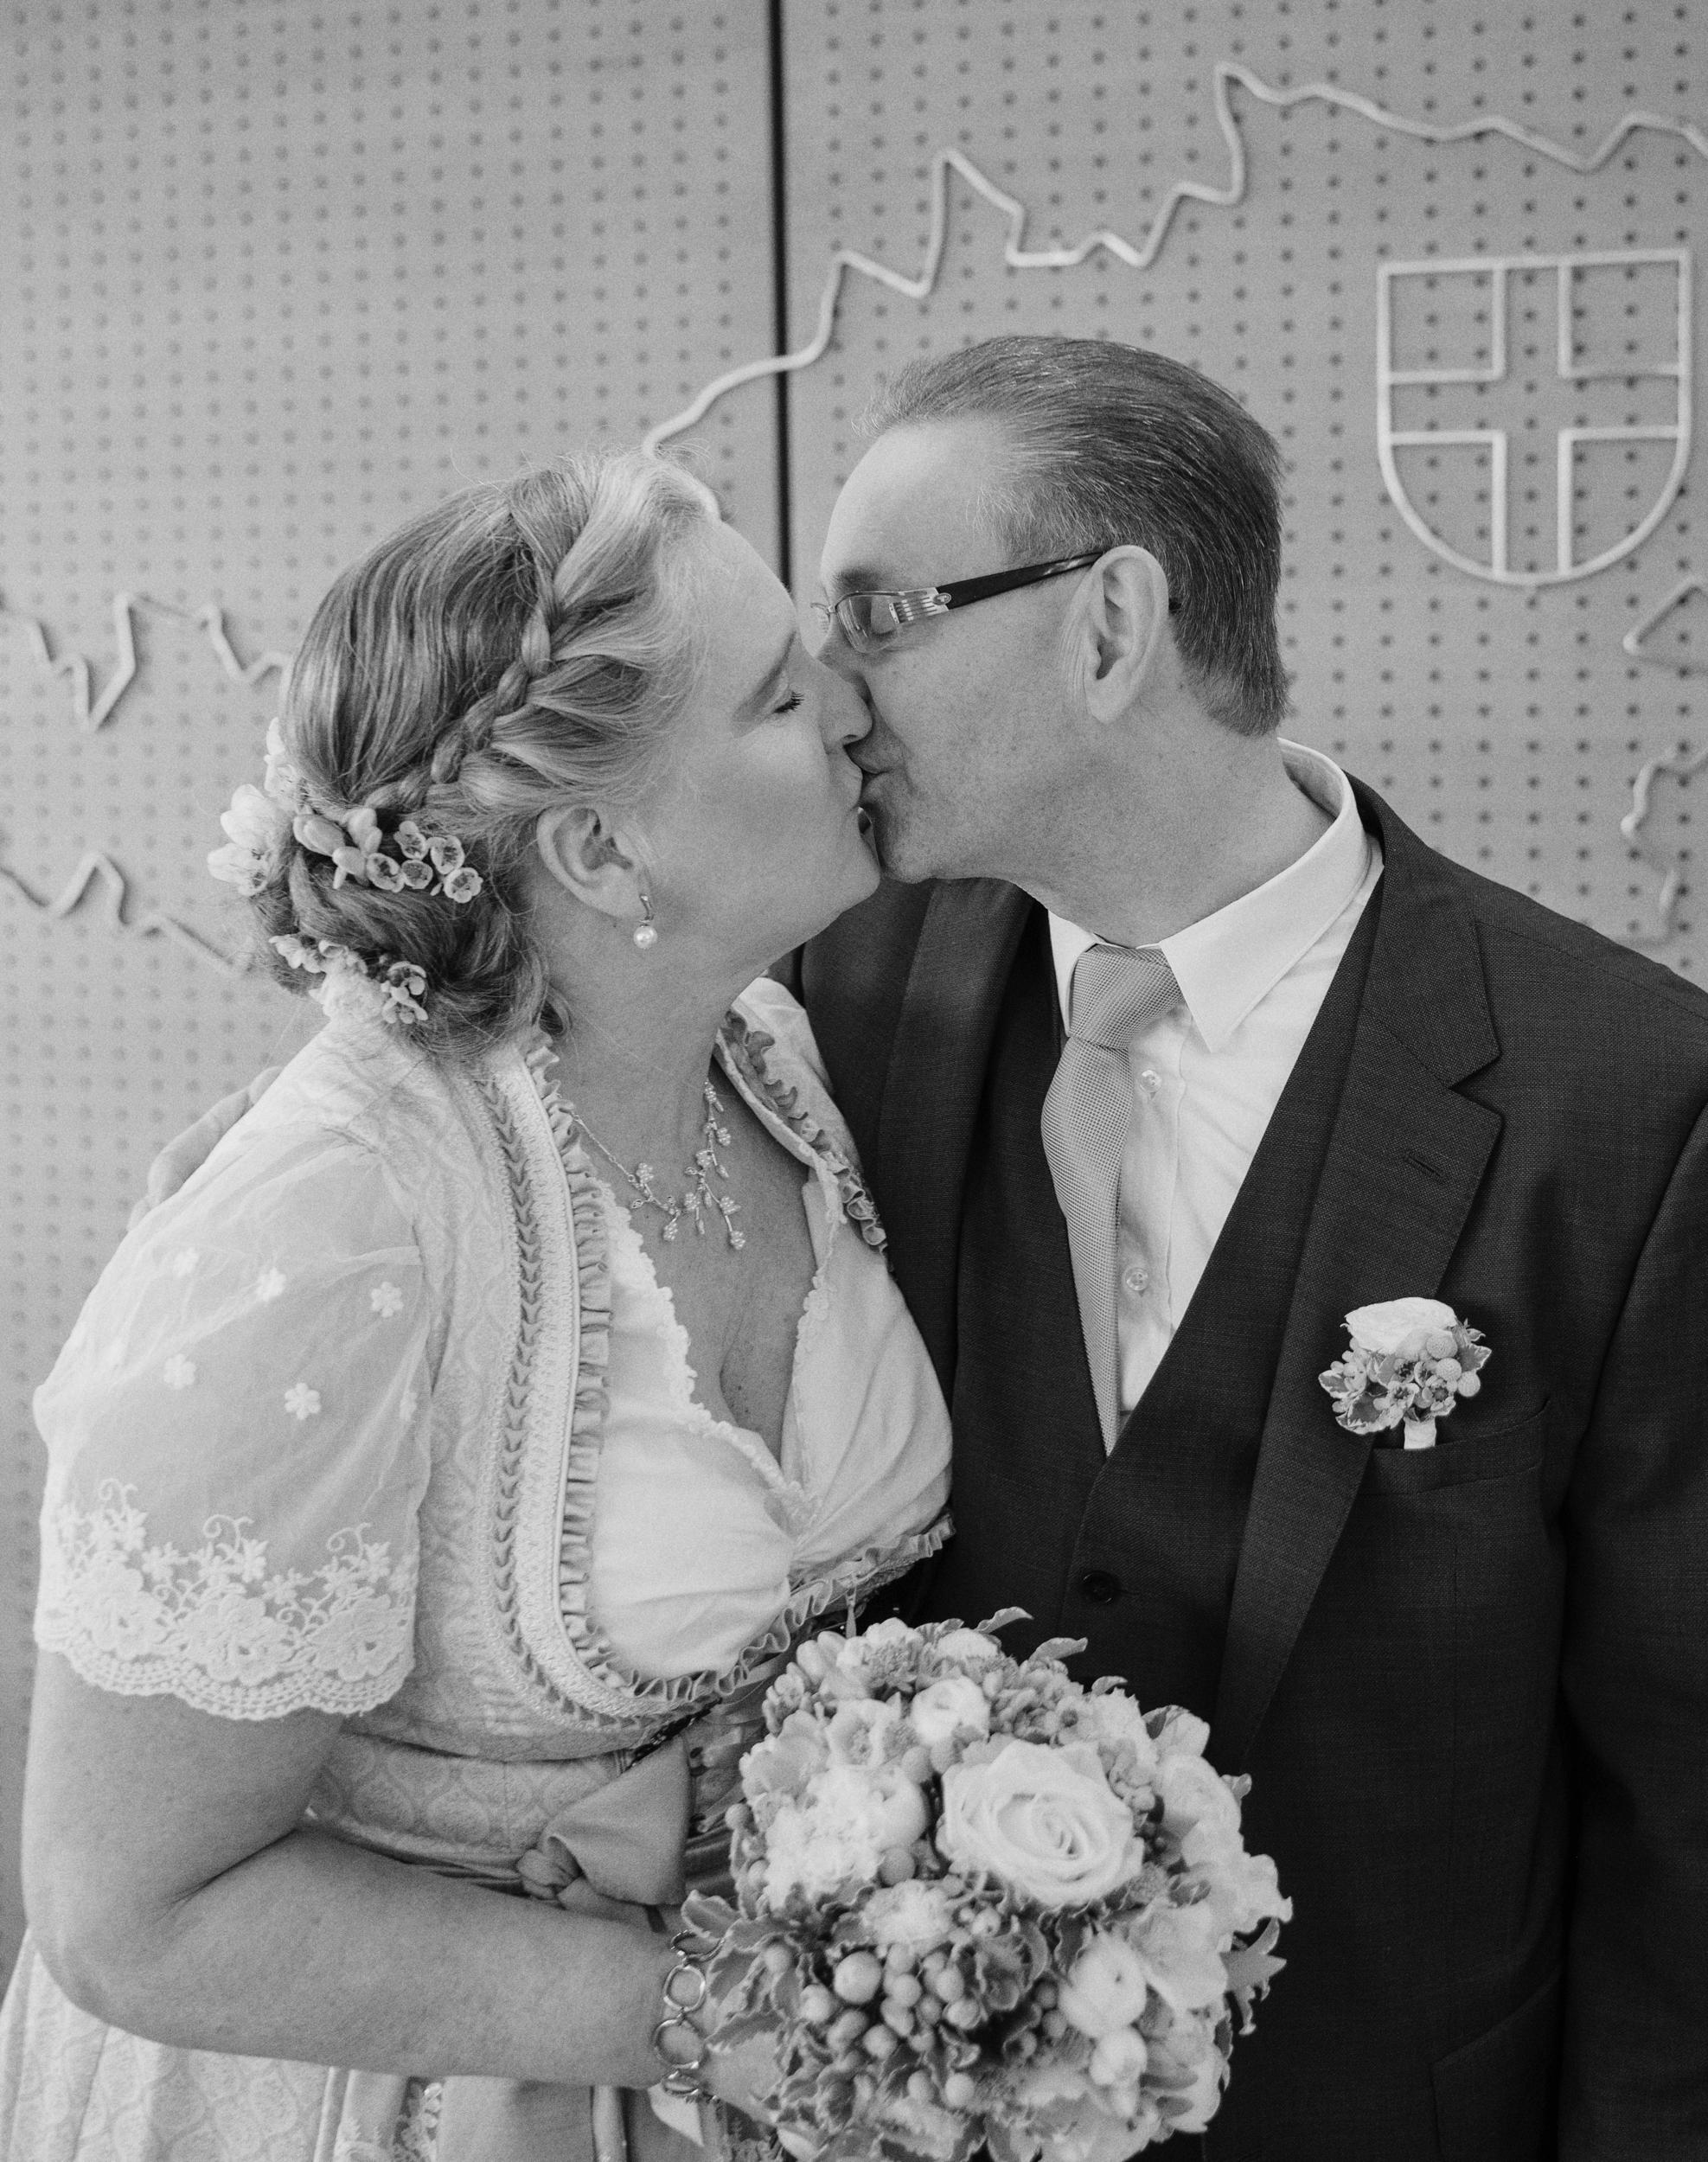 20190212_Hochzeit Koenig_0249-Edit.jpg